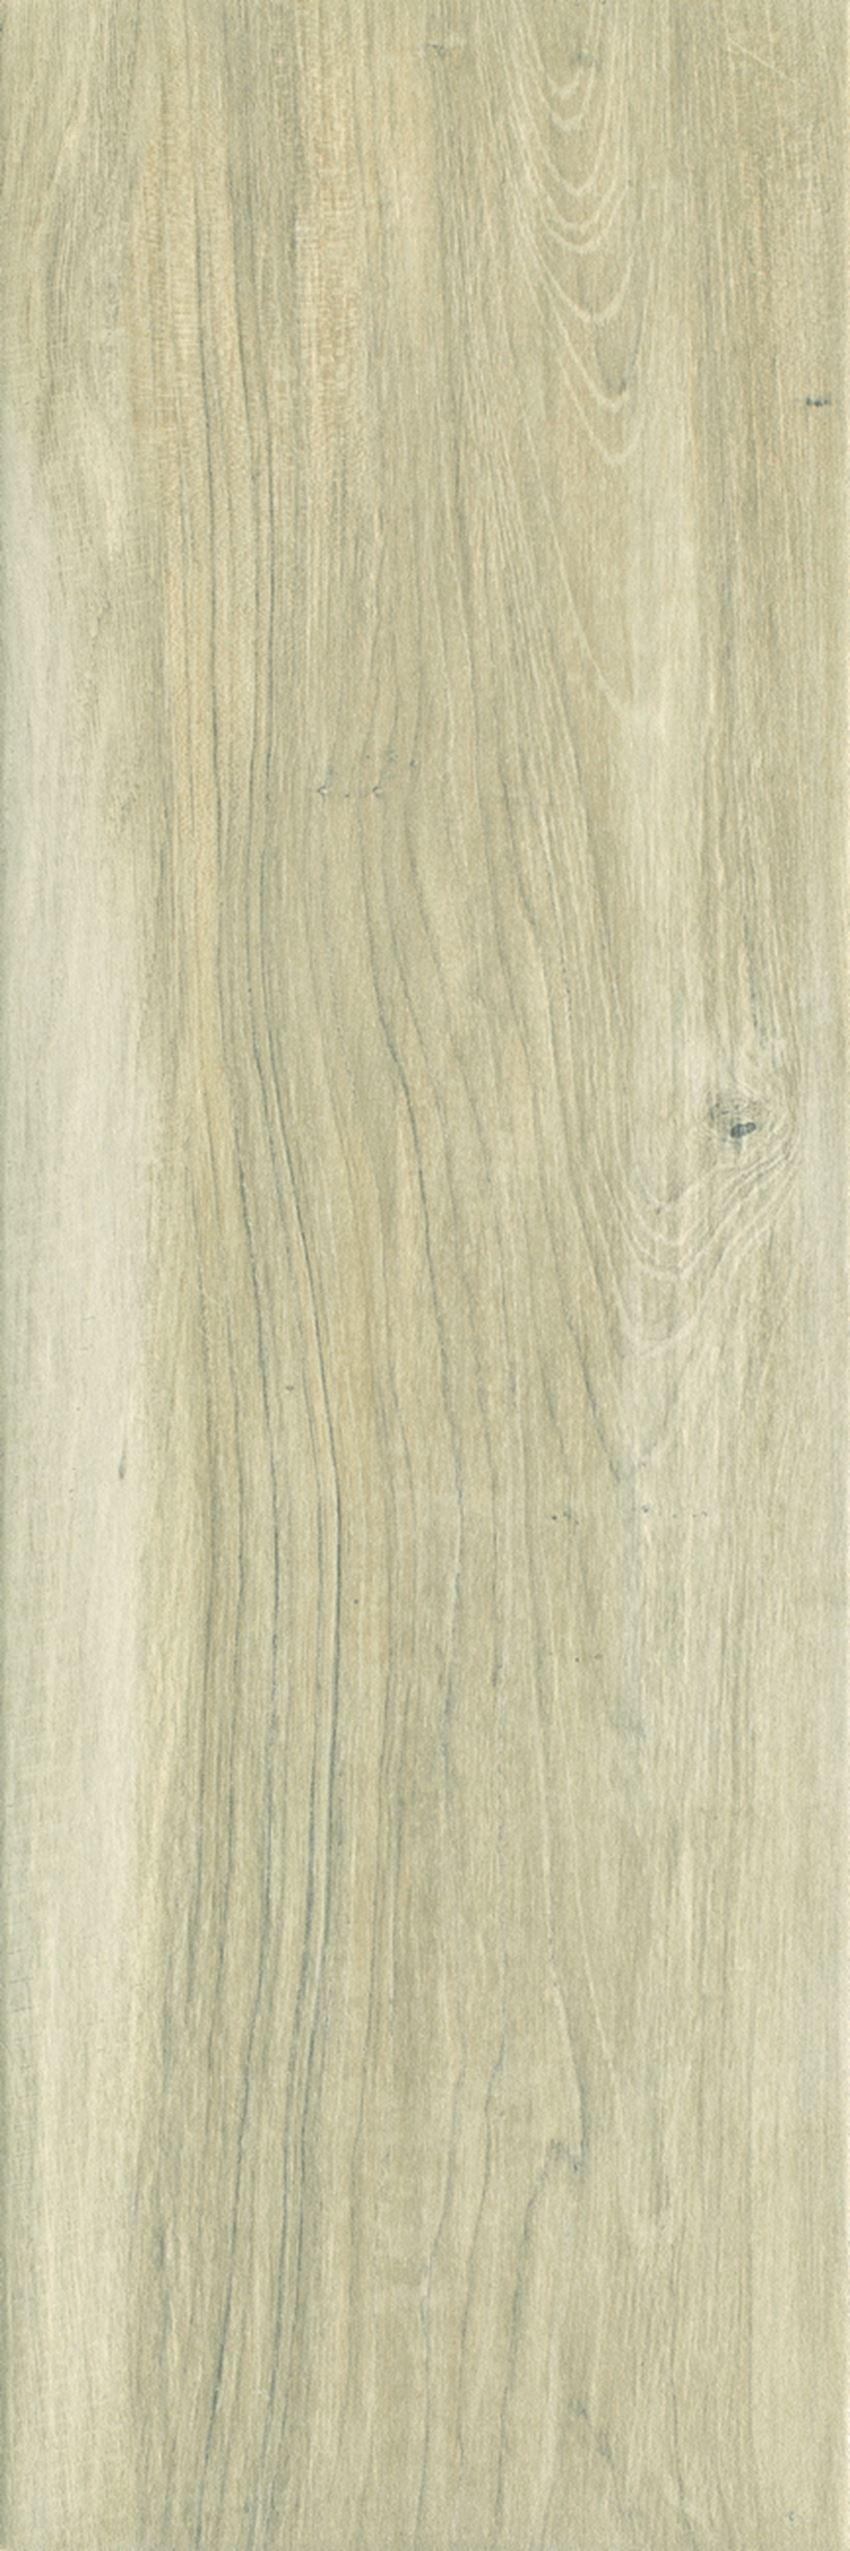 Płytka ścienno-podłogowa 20x60 cm Paradyż Wood Rustic Beige Gres Szkl.